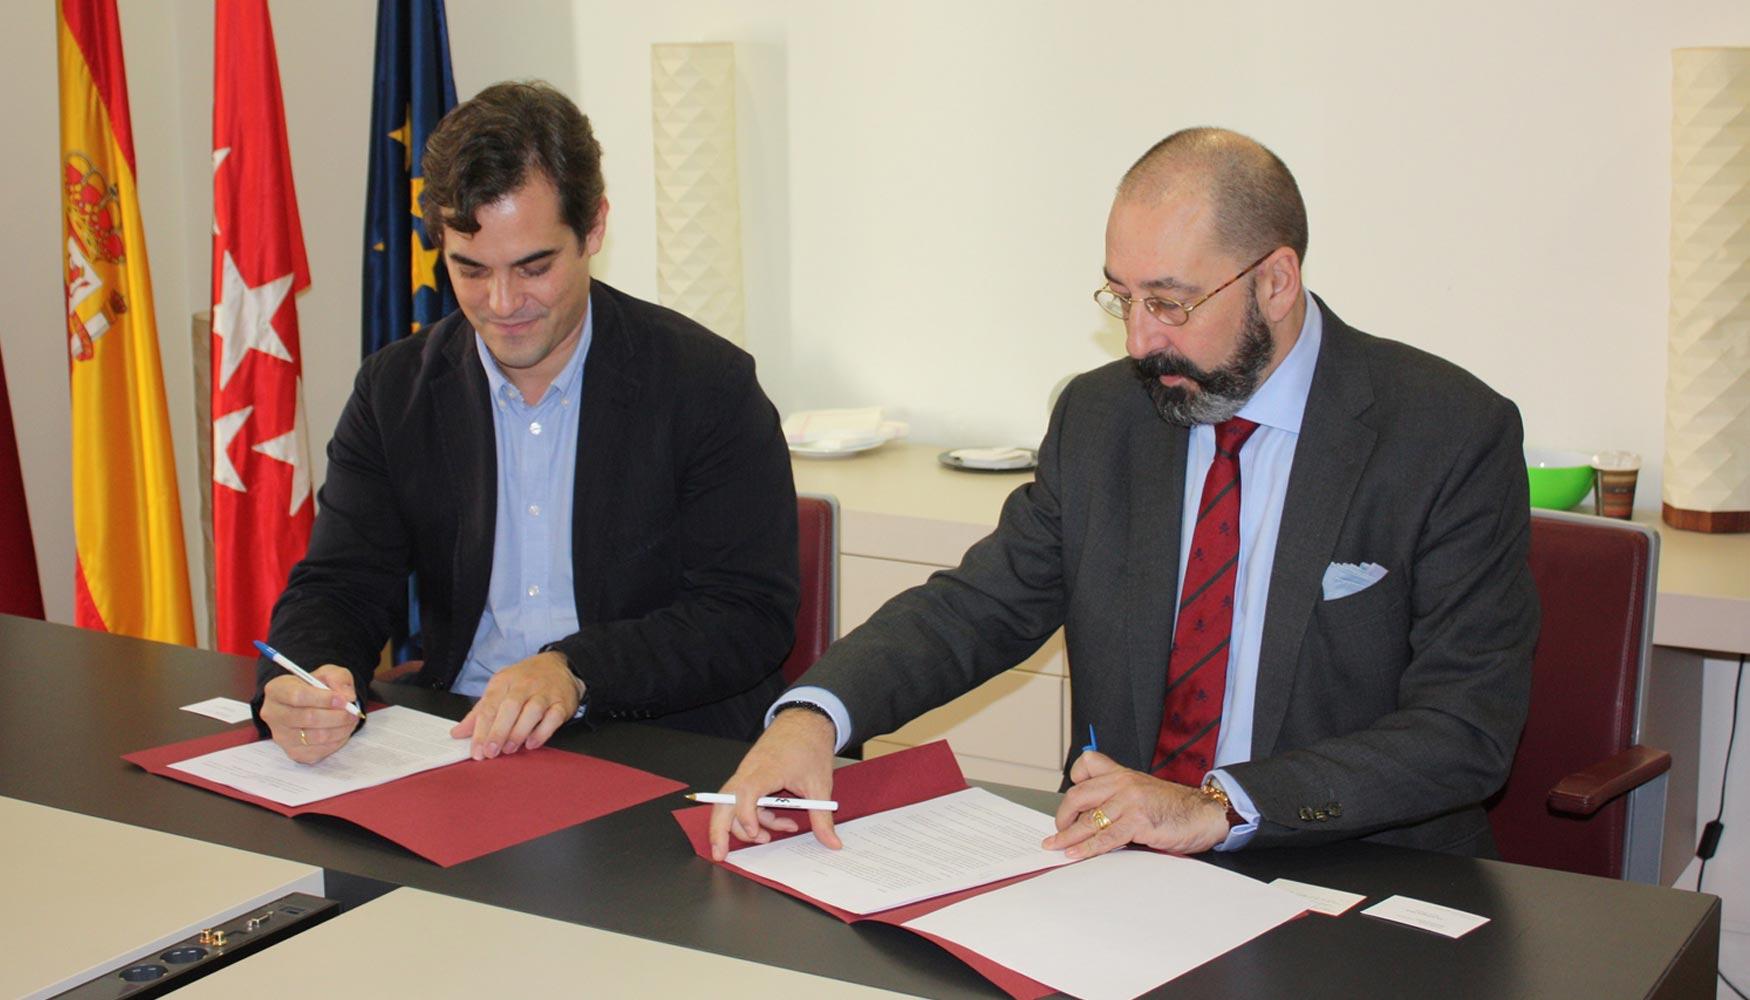 El colegio de aparejadores de madrid y bq firman un - Aparejadores en madrid ...